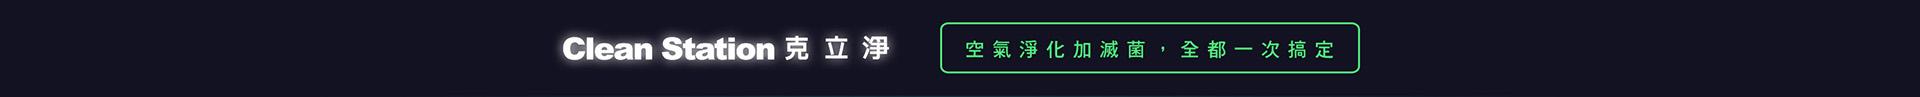 14周年慶-PC版_加寬_20191025_01